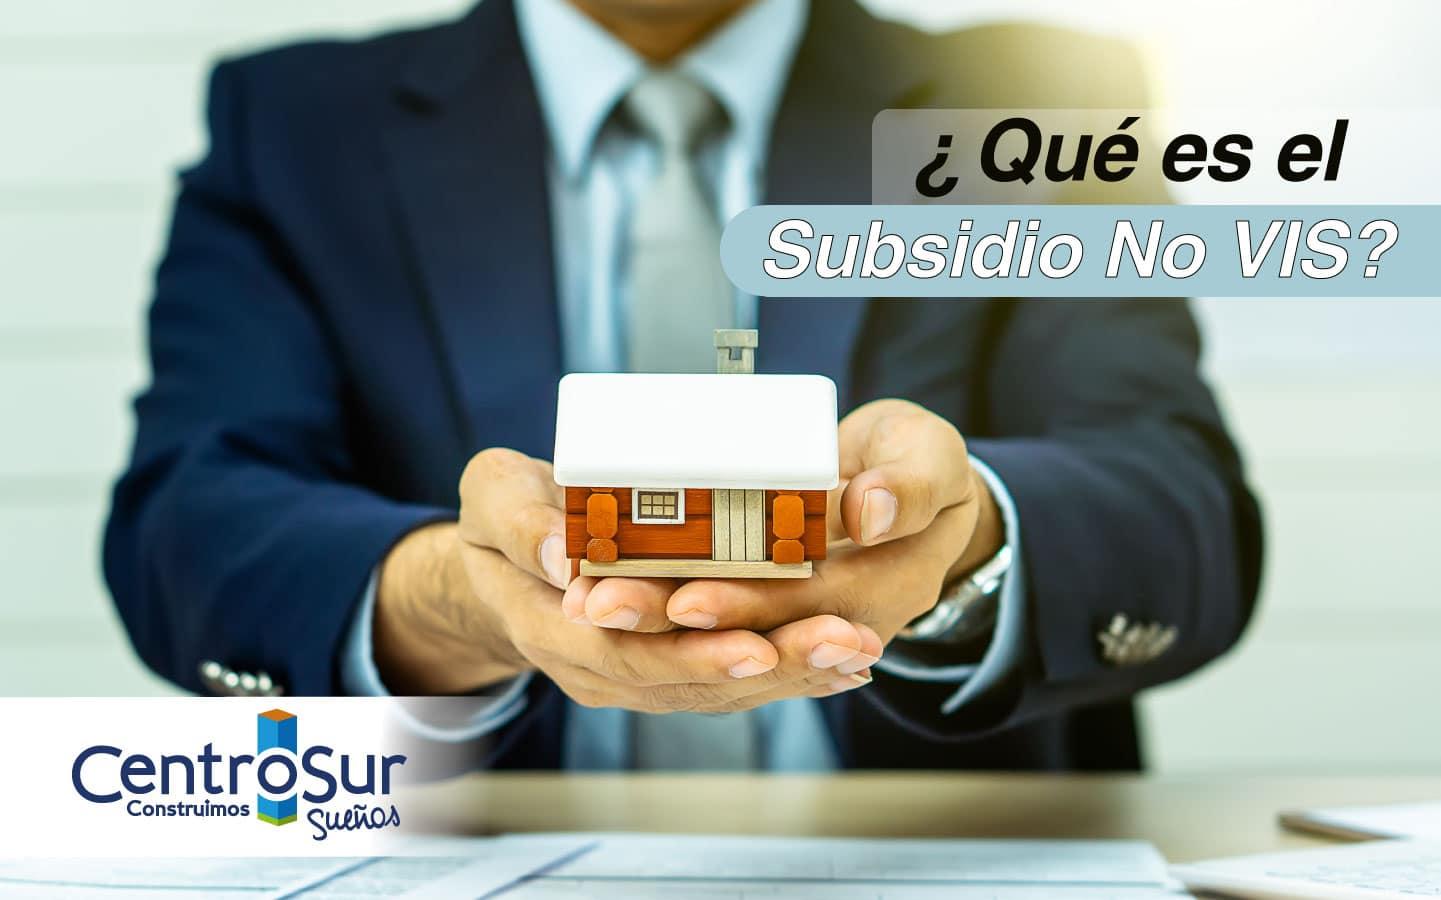 ¿Qué es el Subsidio No VIS?